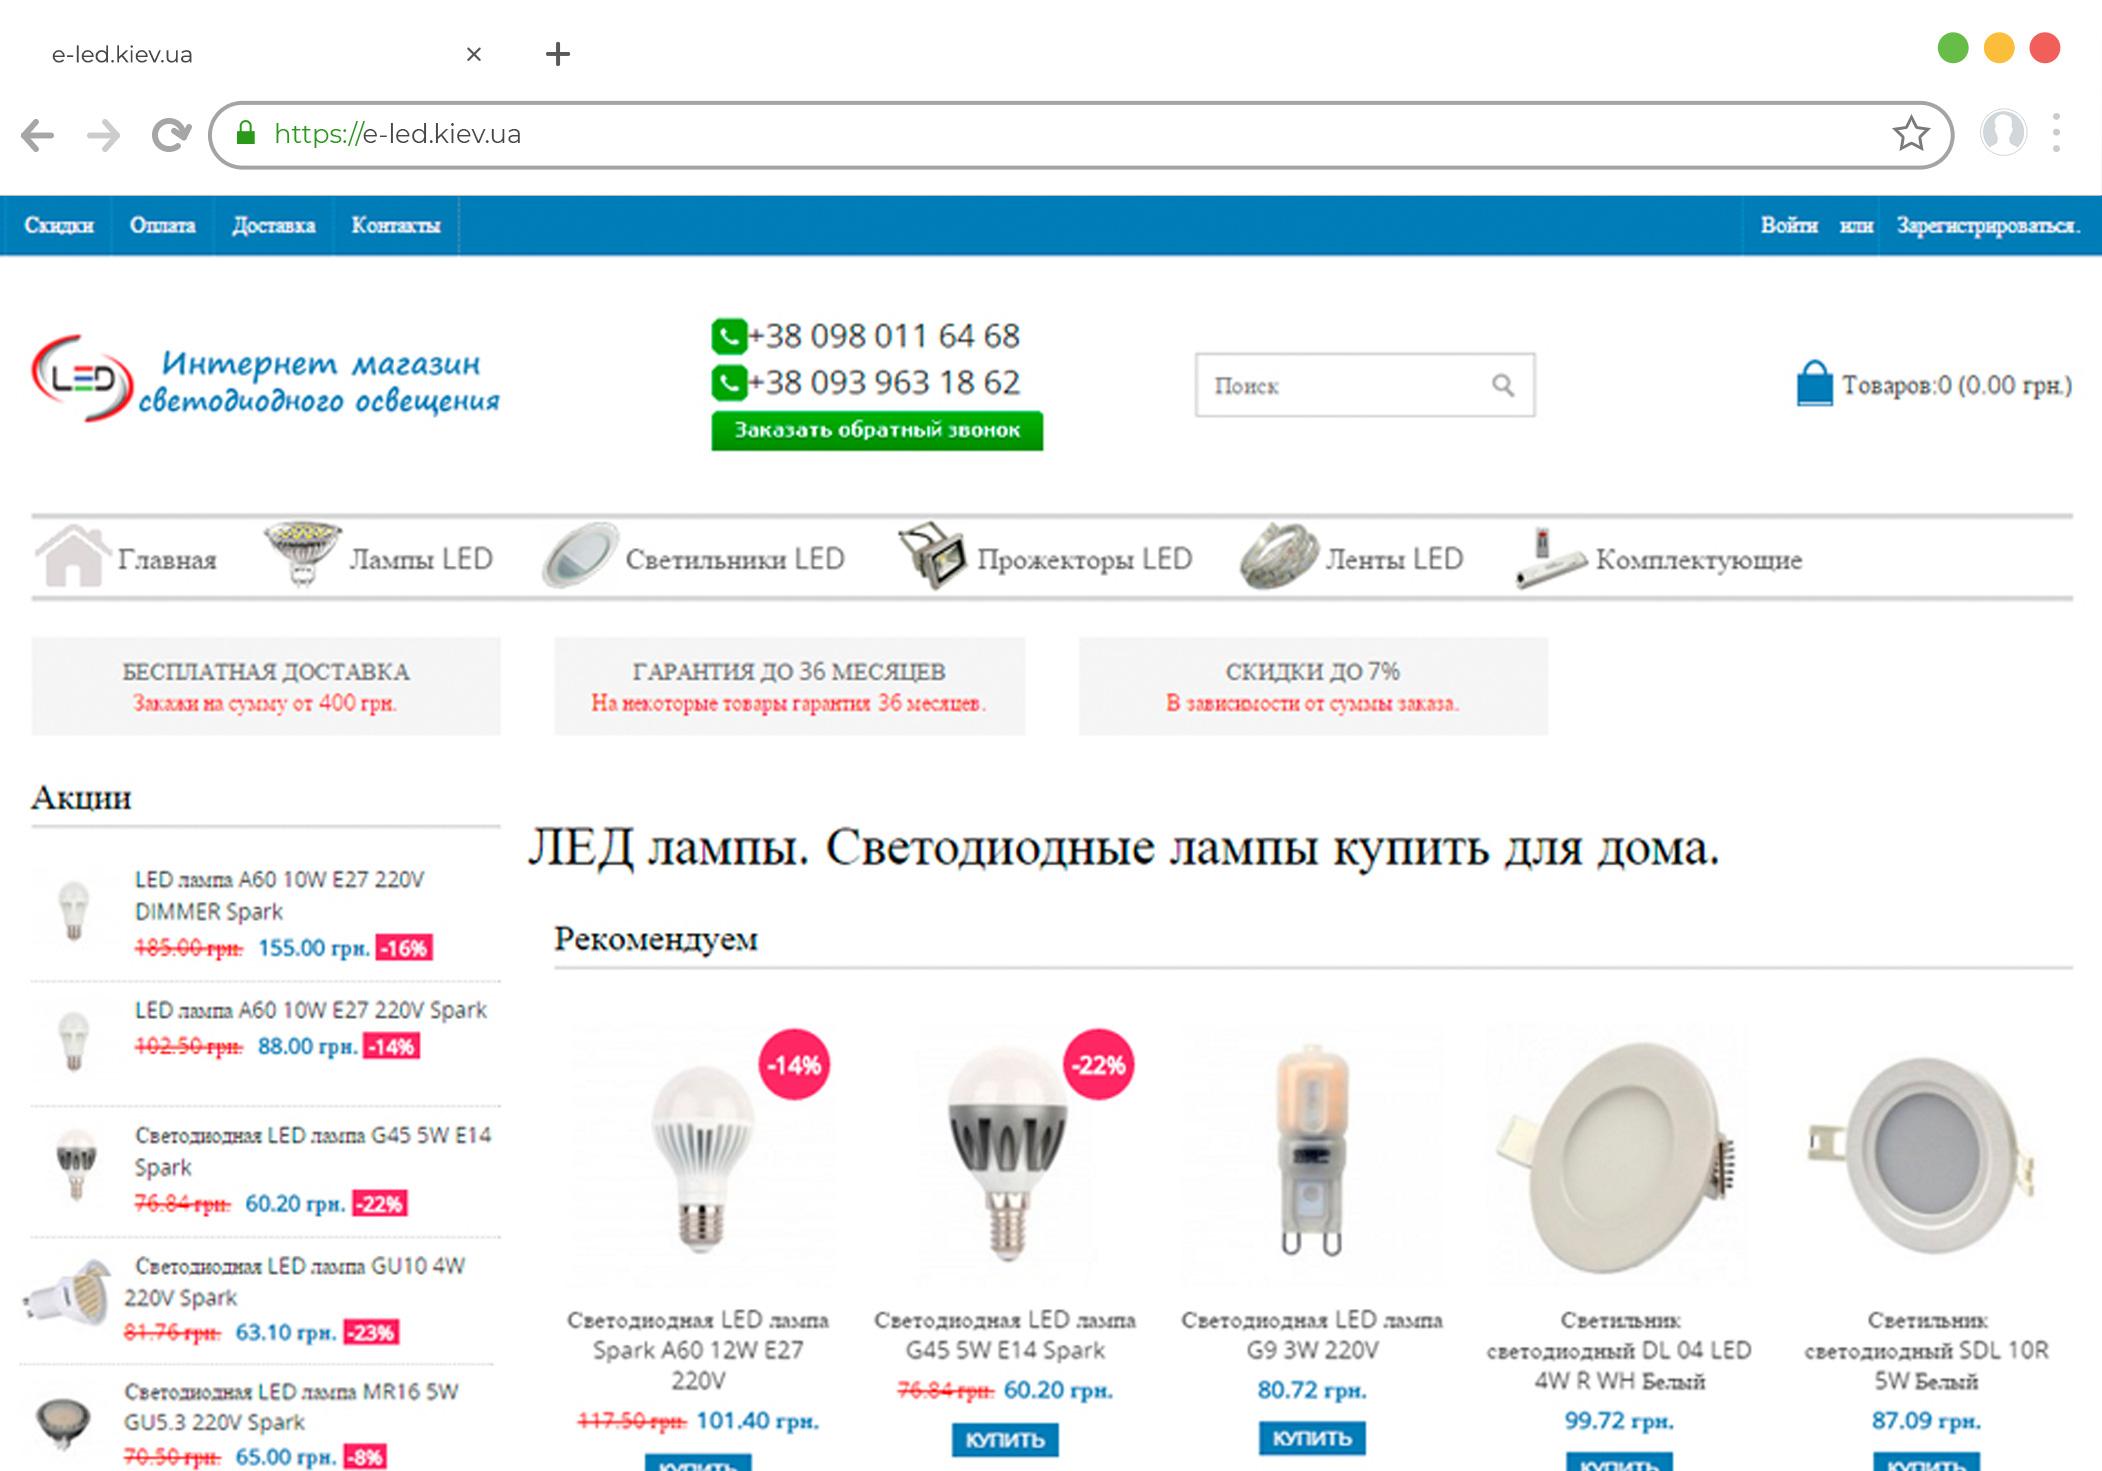 Разработка интернет магазин на Opencart по продаже светодиодного освещения